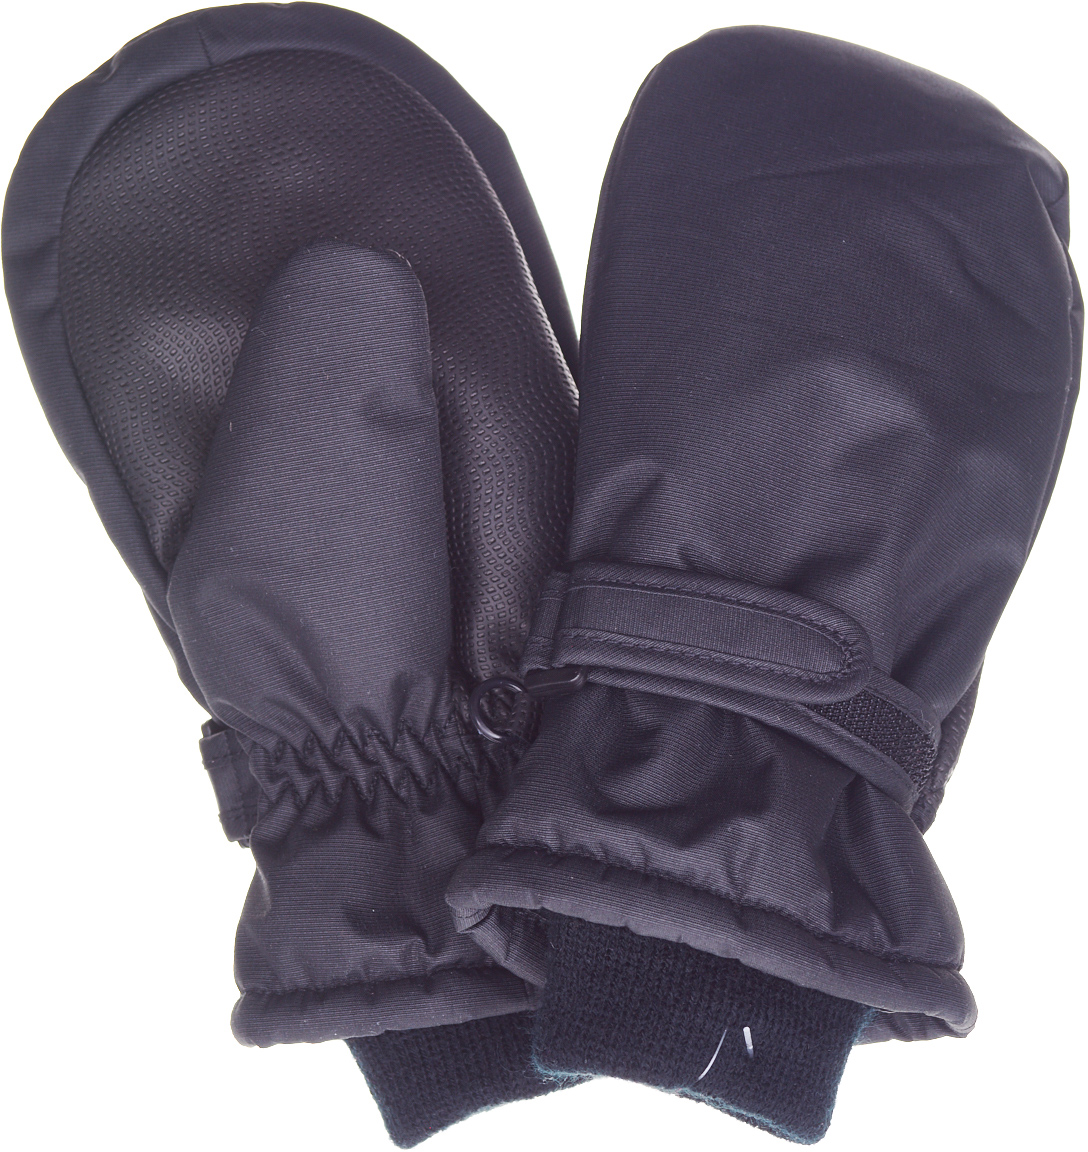 Варежки детские Button Blue, цвет: черный. 217BBUA76010800. Размер 14217BBUA76010800Подбирая зимний функциональный гардероб для ребенка, не забудьте купить варежки из плащевки, ведь они - незаменимая вещь для прогулок в морозные дни! Непромокаемая плащевка, утяжка от продувания, протектор для прочности и износостойкости изделия позволят гулять в любую погоду, гарантируя тепло, уют и комфорт.